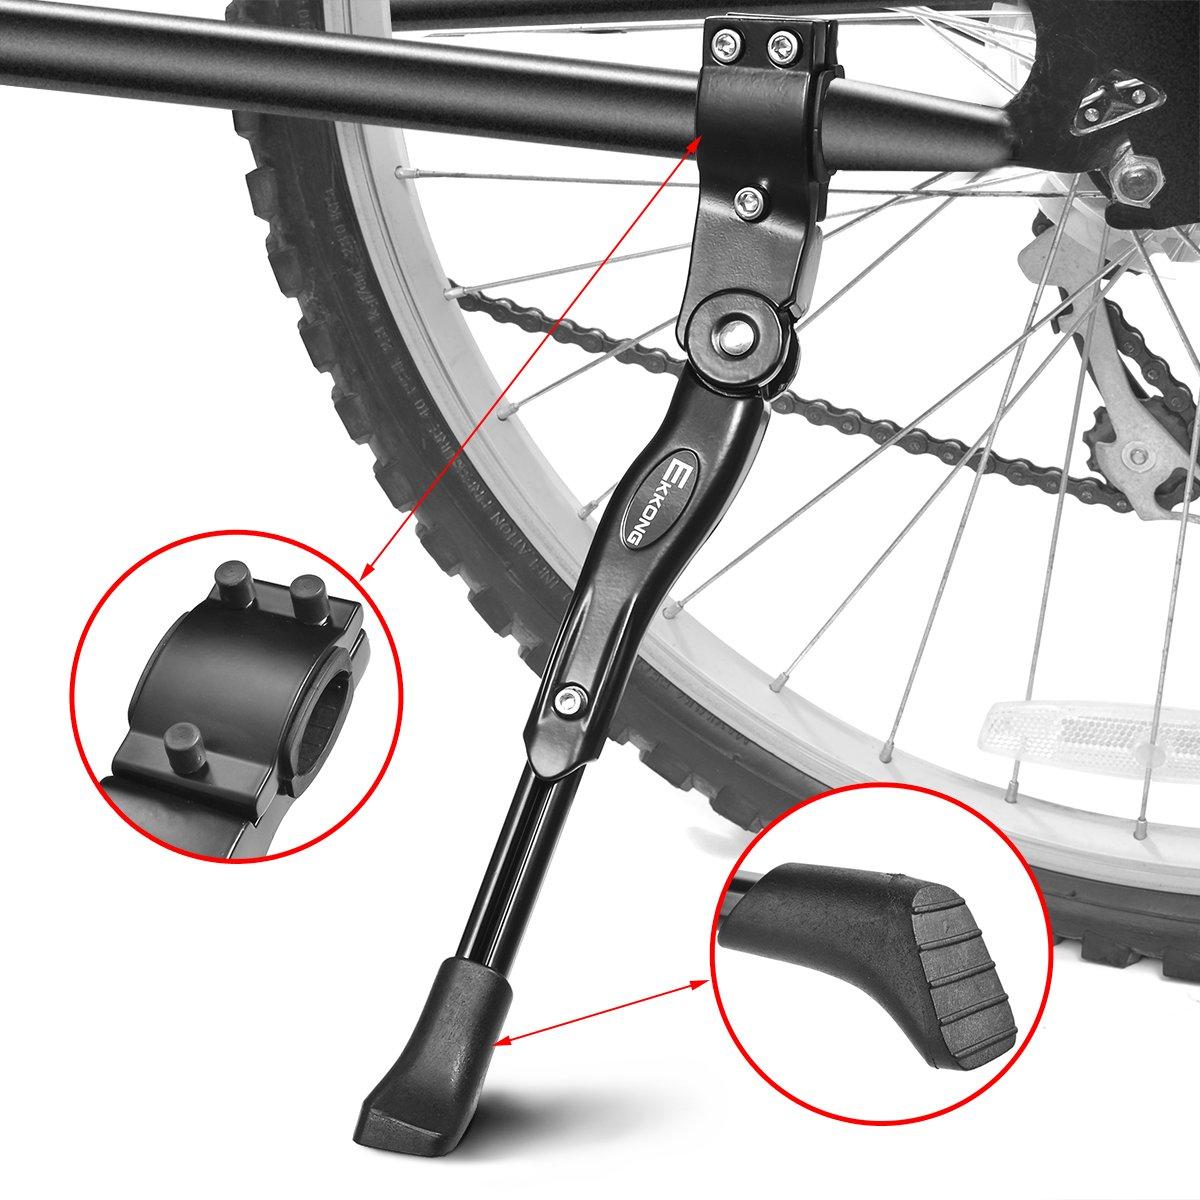 EKKONG Pata de Cabra de Bicicletas, Aluminio Aleación Ajustable Bicicleta Kickstands Bicicleta Caballete Lateral con